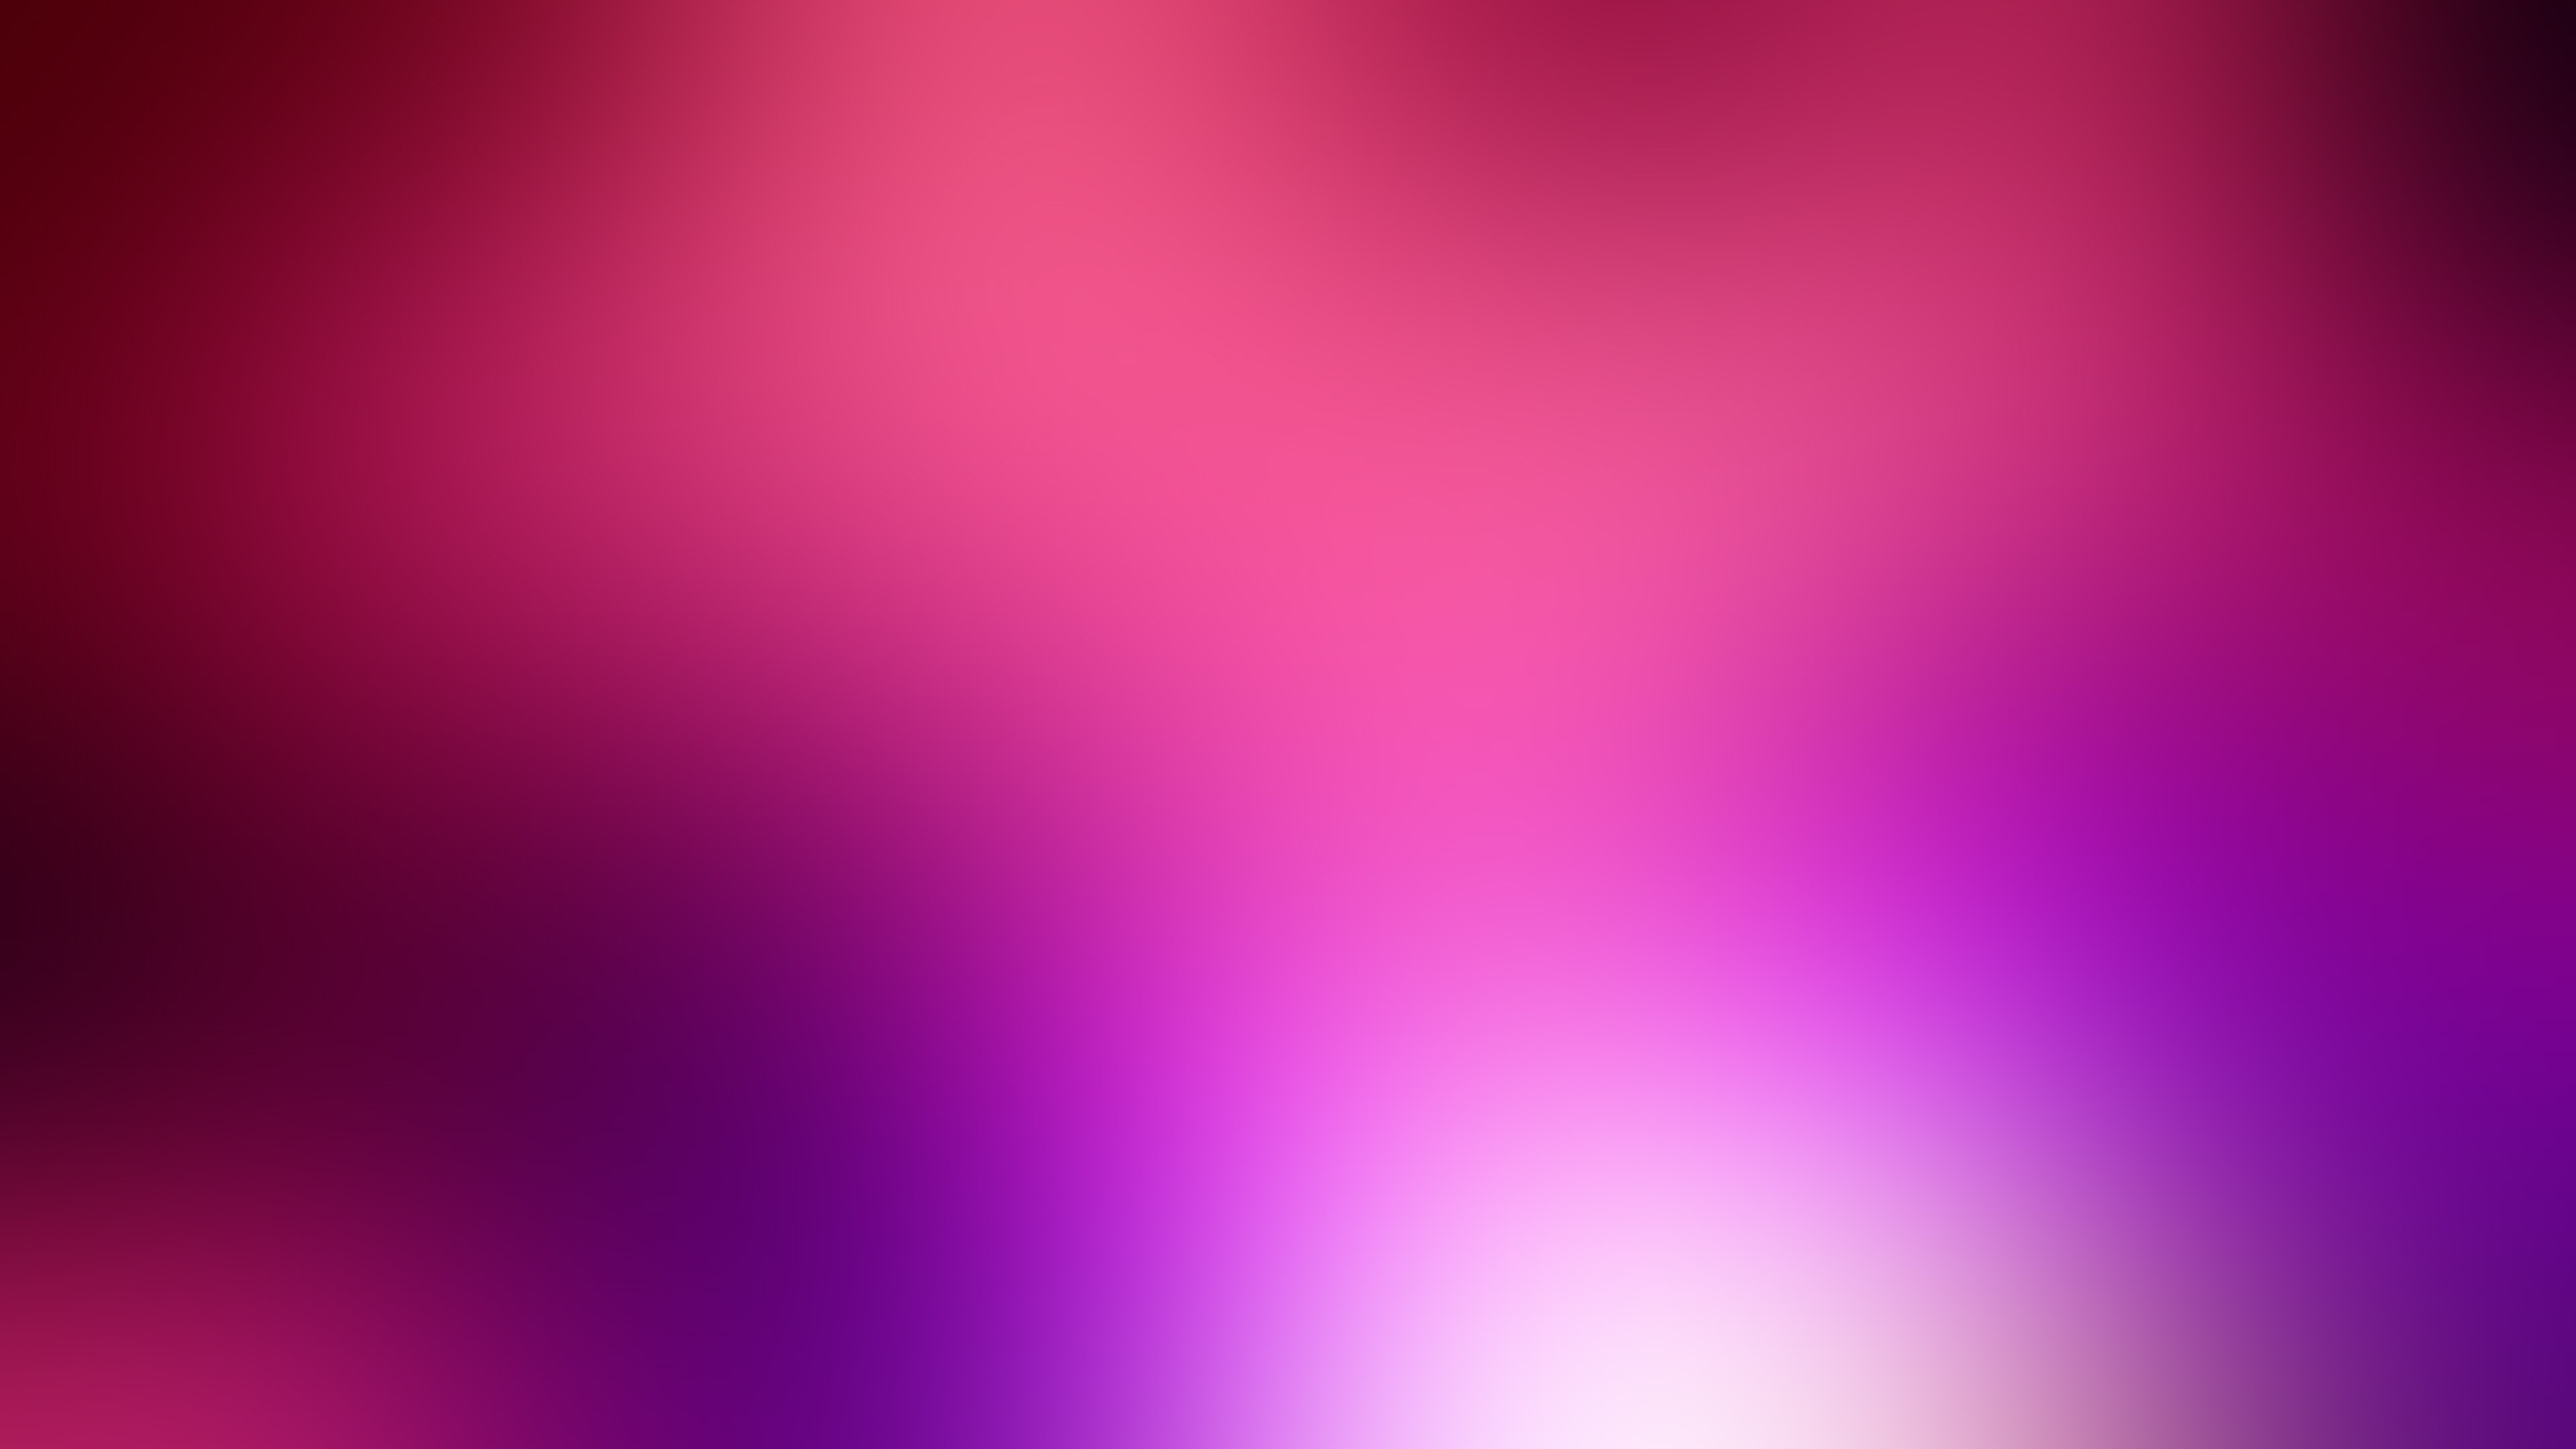 pink & purple wallpaper - www.opendesktop